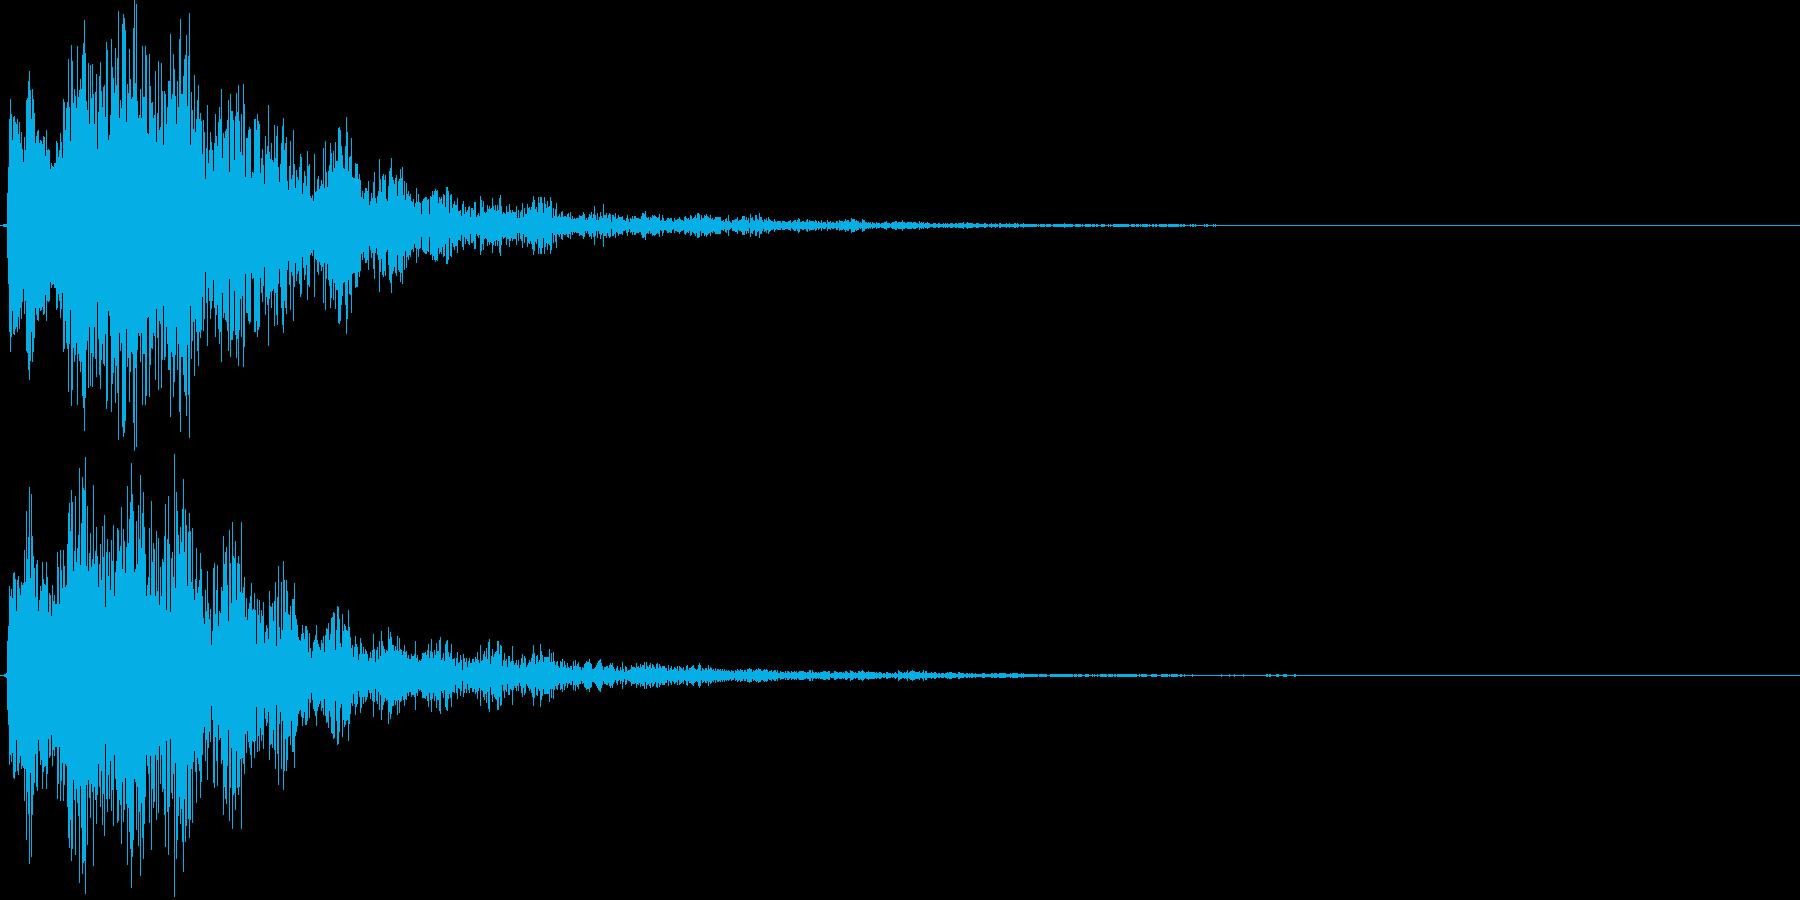 サウンドロゴ(煌びやか、残響)の再生済みの波形